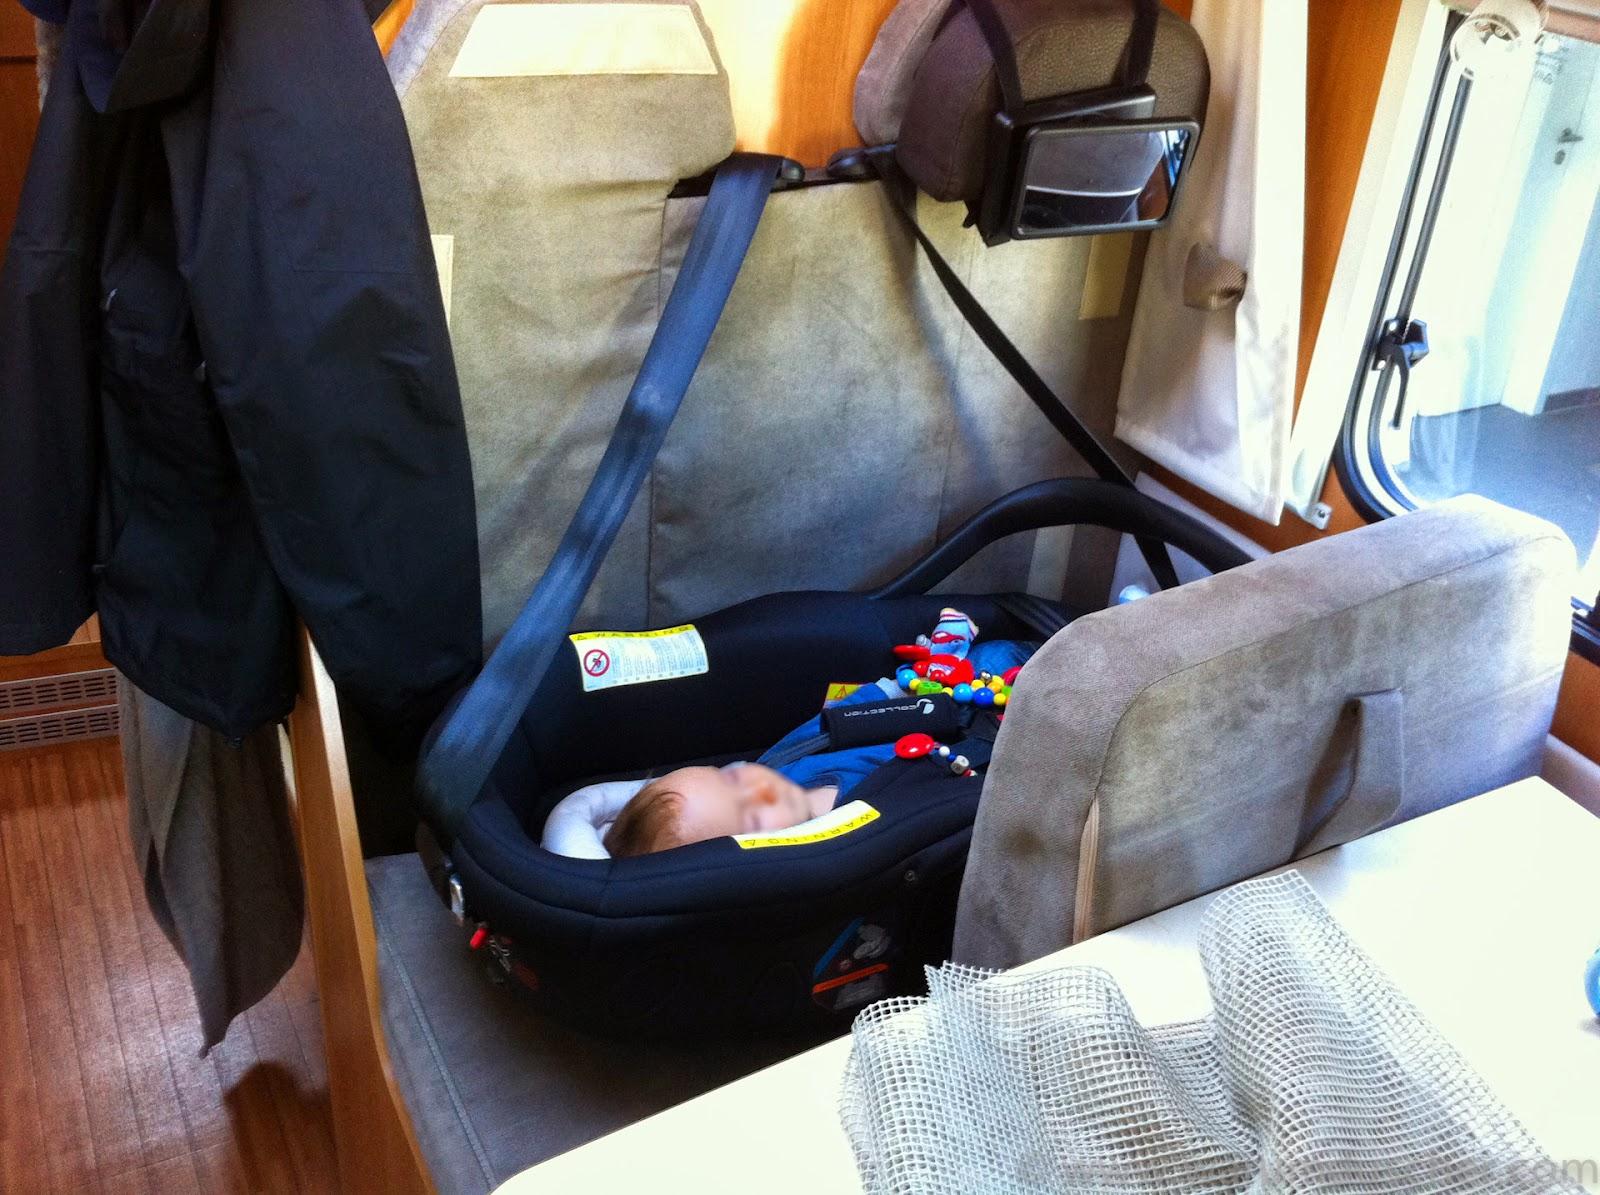 Warumduscher: Norwegen mit Wohnmobil und Baby - 10/10 - Einleitung